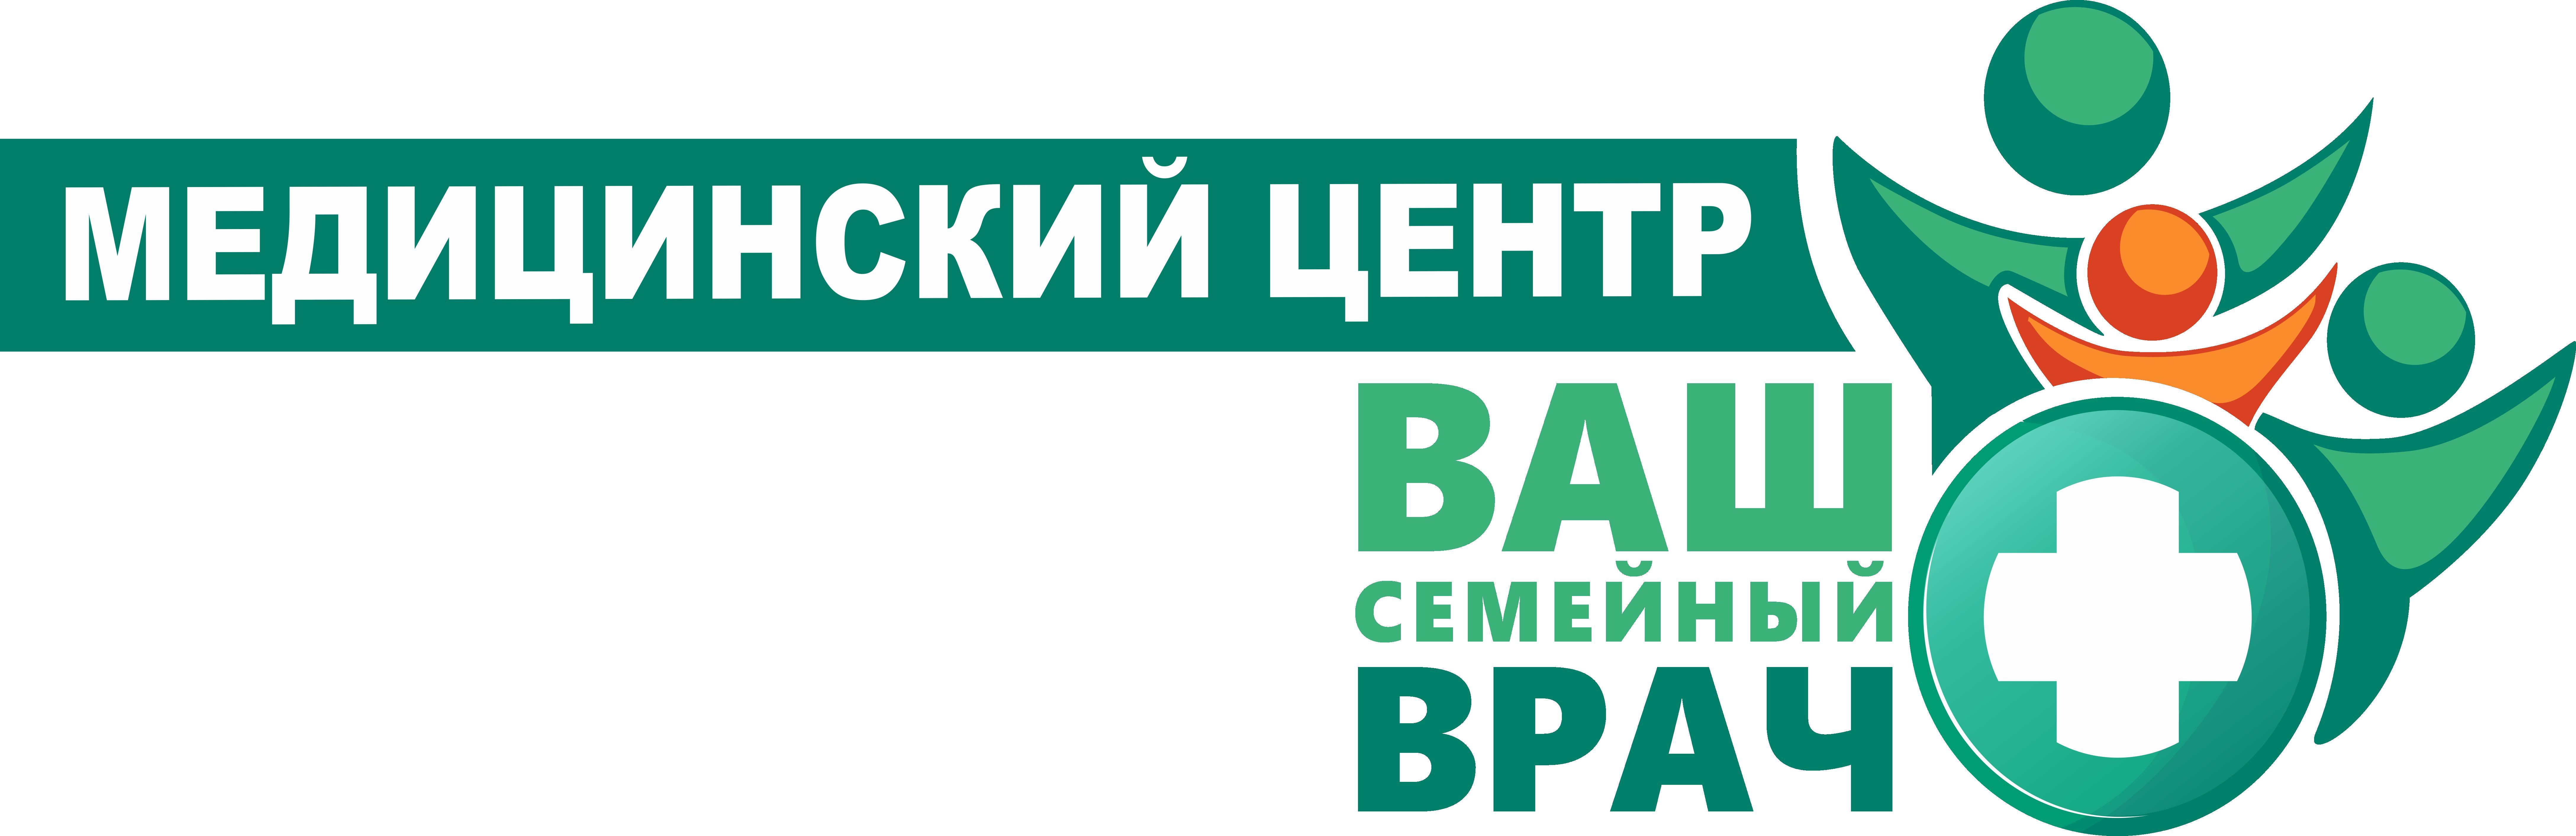 """Медицинский центр """"ВАШ СЕМЕЙНЫЙ ВРАЧ"""""""